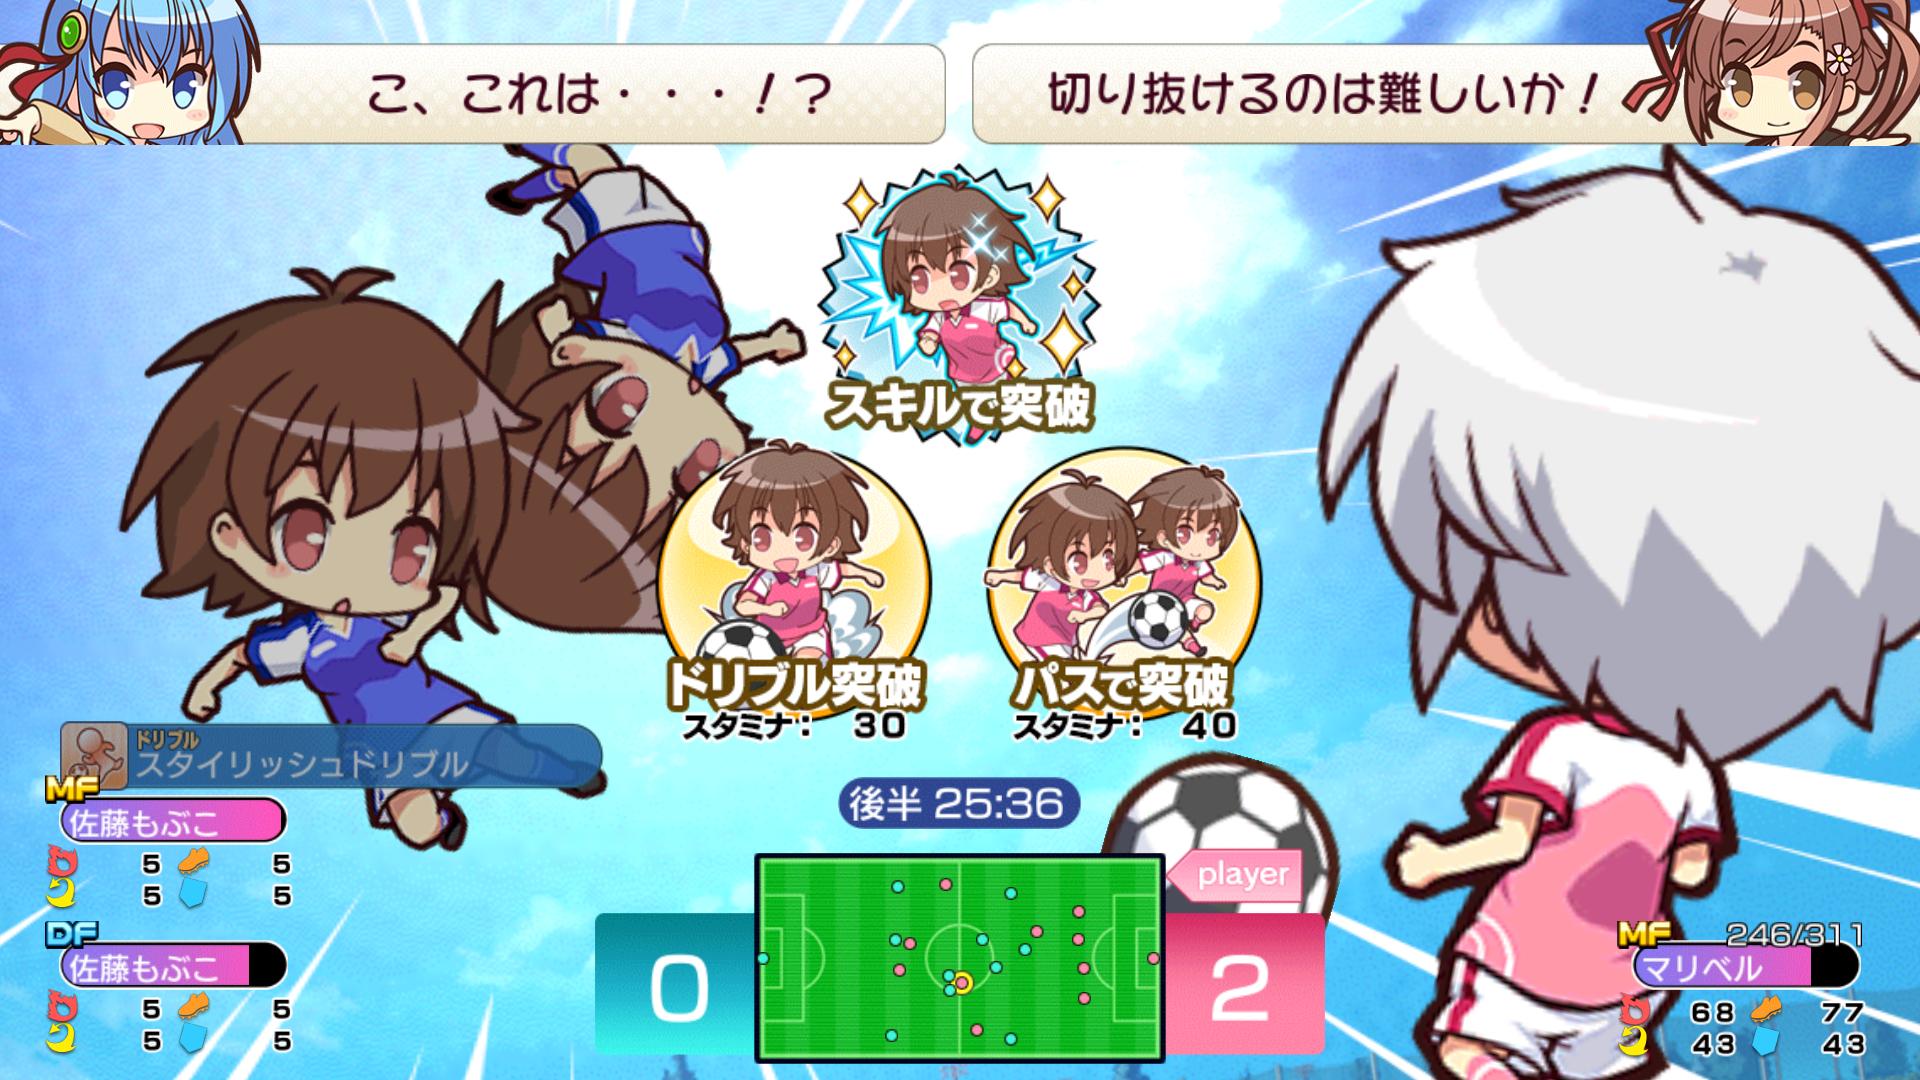 ビーナスイレブンびびっど! androidアプリスクリーンショット3